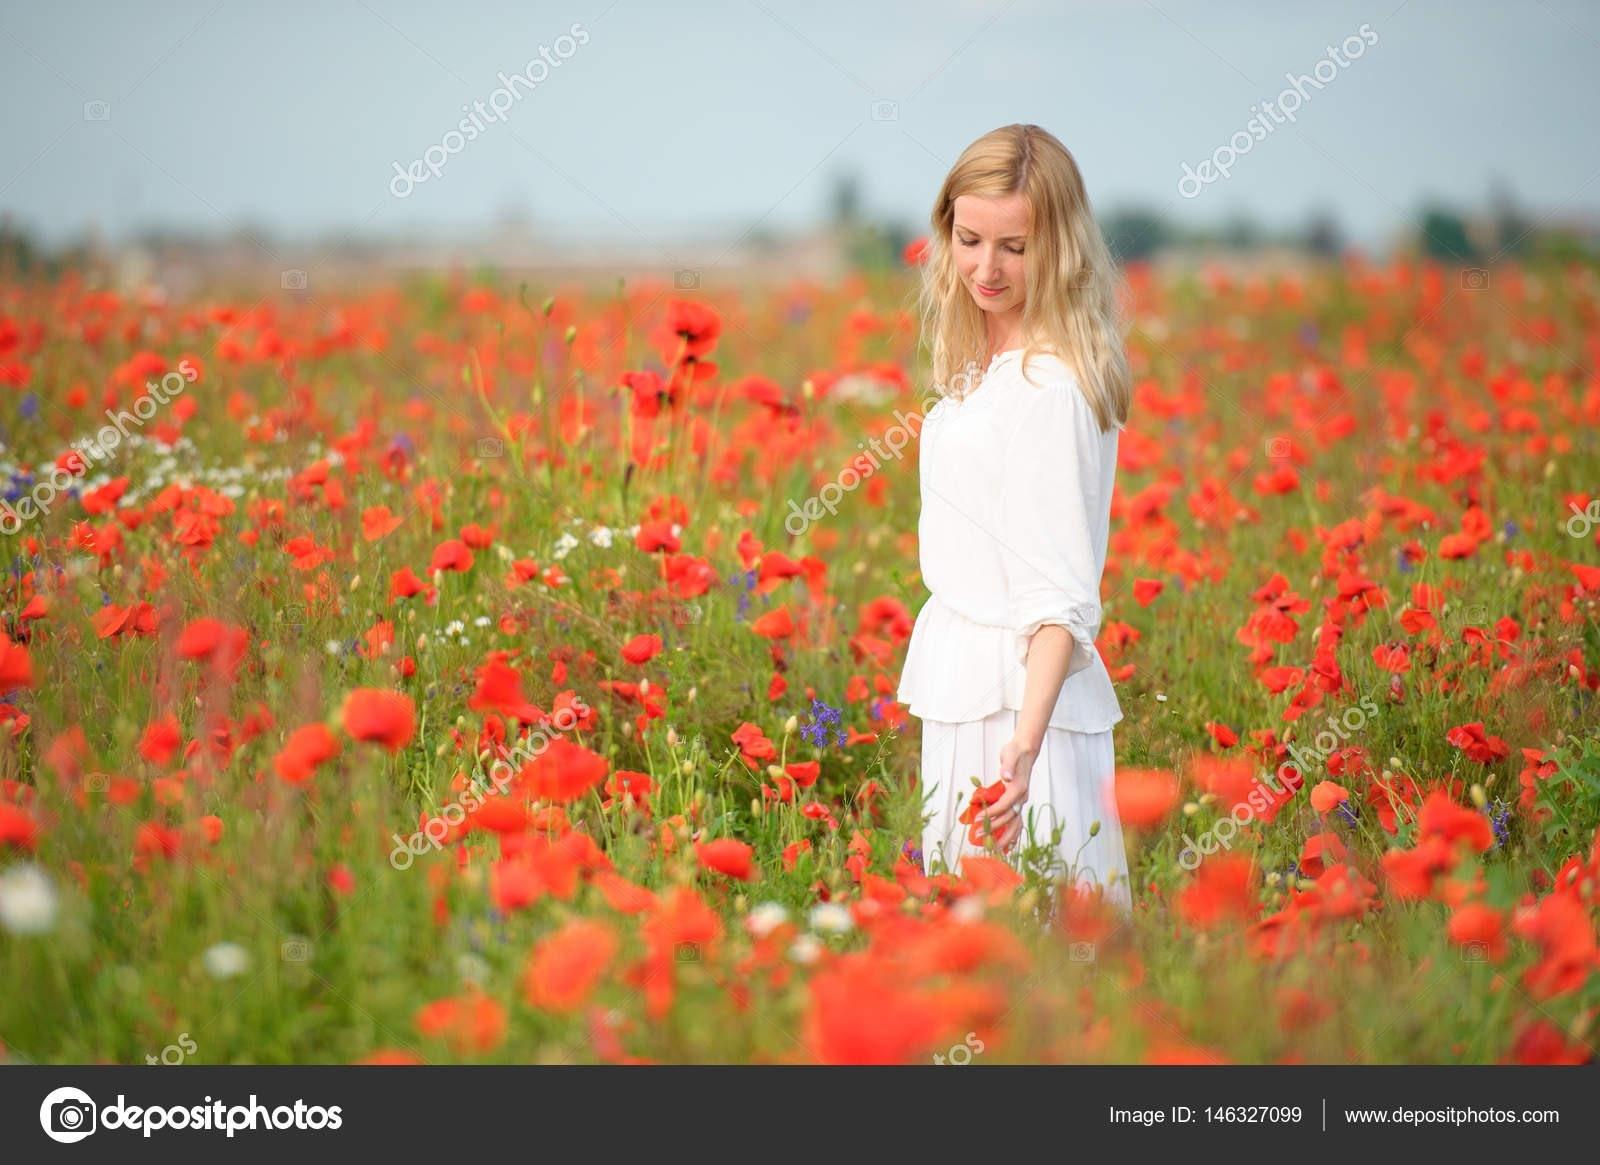 Formal Schön Weißes Kleid Mit Roten Blumen VertriebAbend Kreativ Weißes Kleid Mit Roten Blumen Boutique